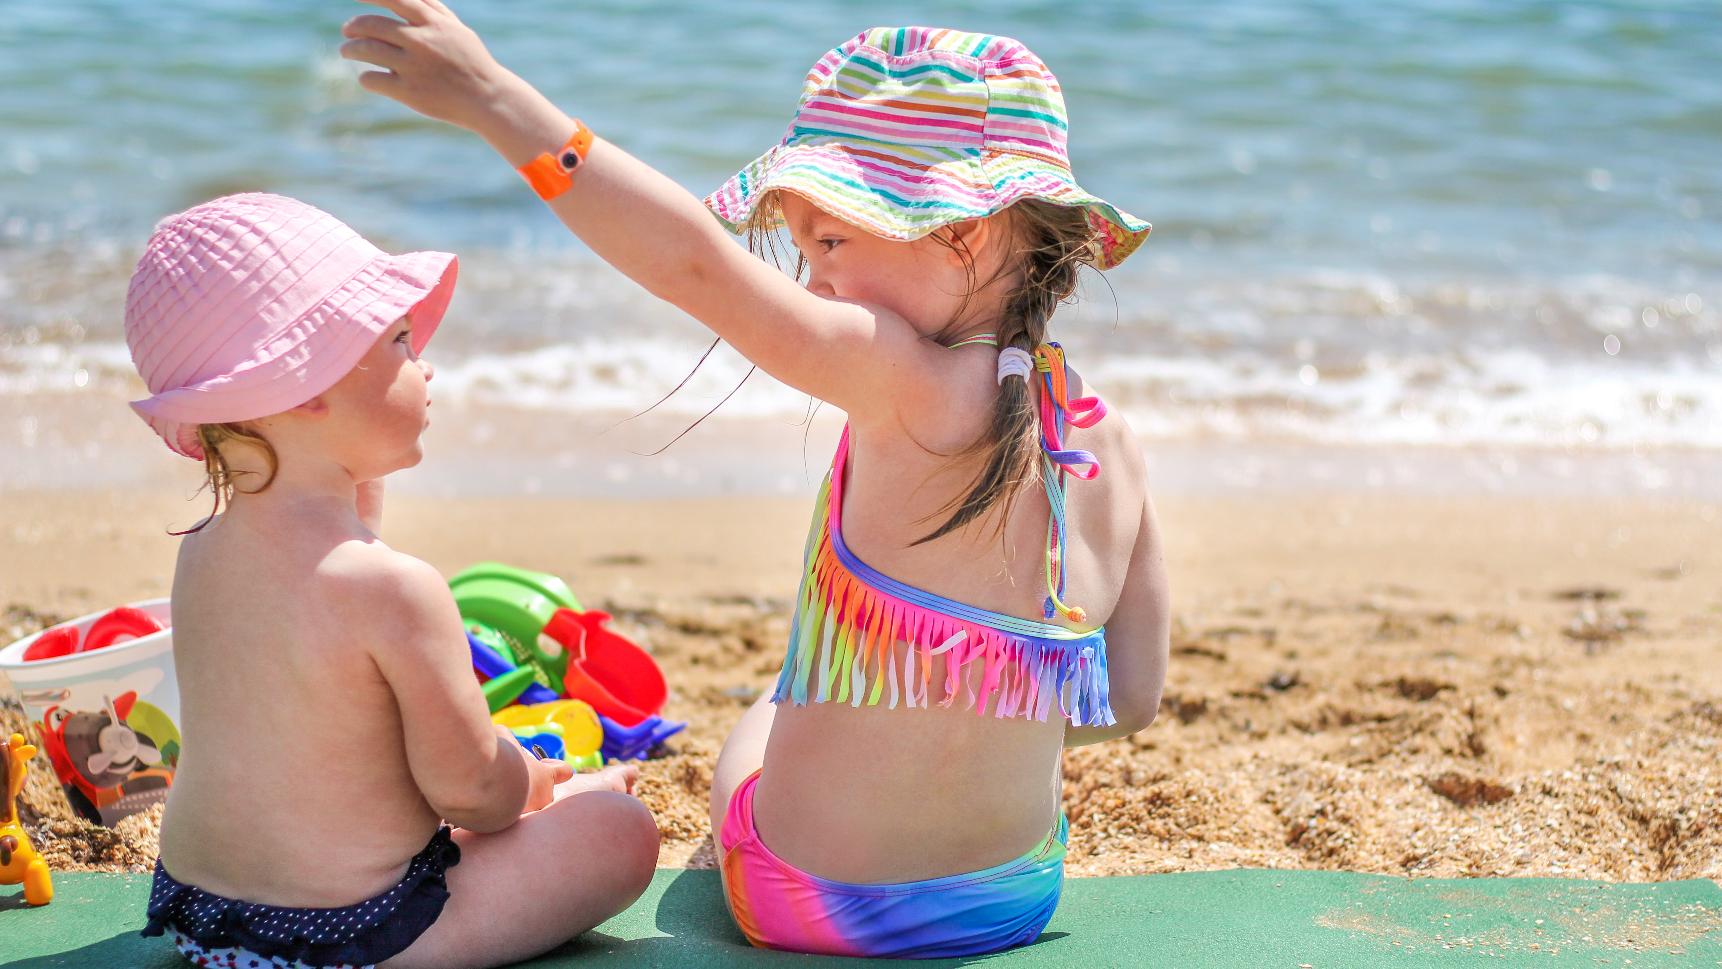 Giugno All Inclusive: spiaggia e parco incluso